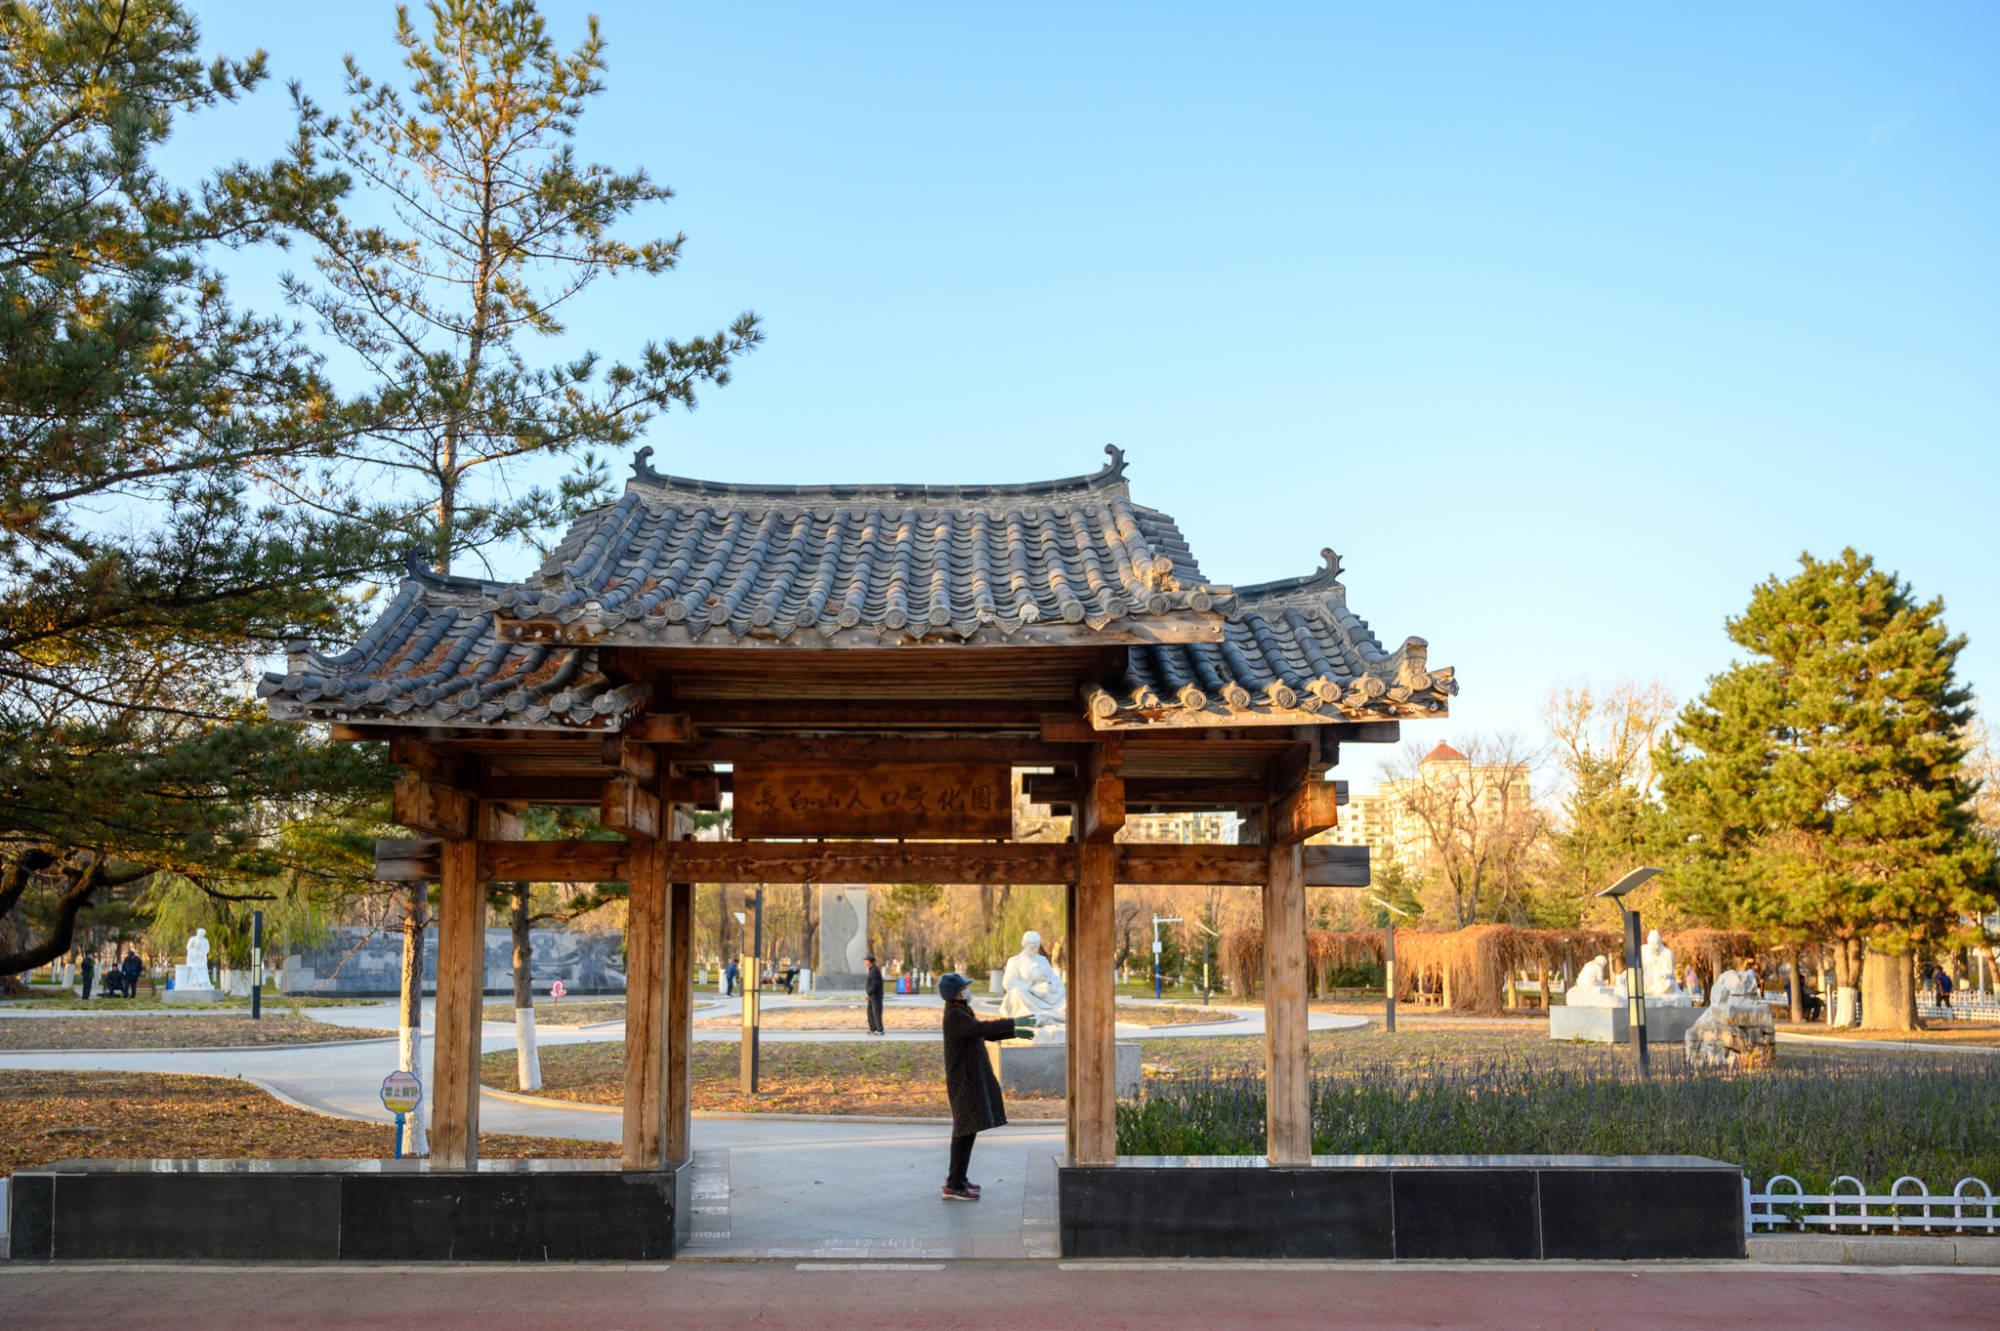 吉林延吉有一座百年公园,是当地最受欢迎的公园,门票免费